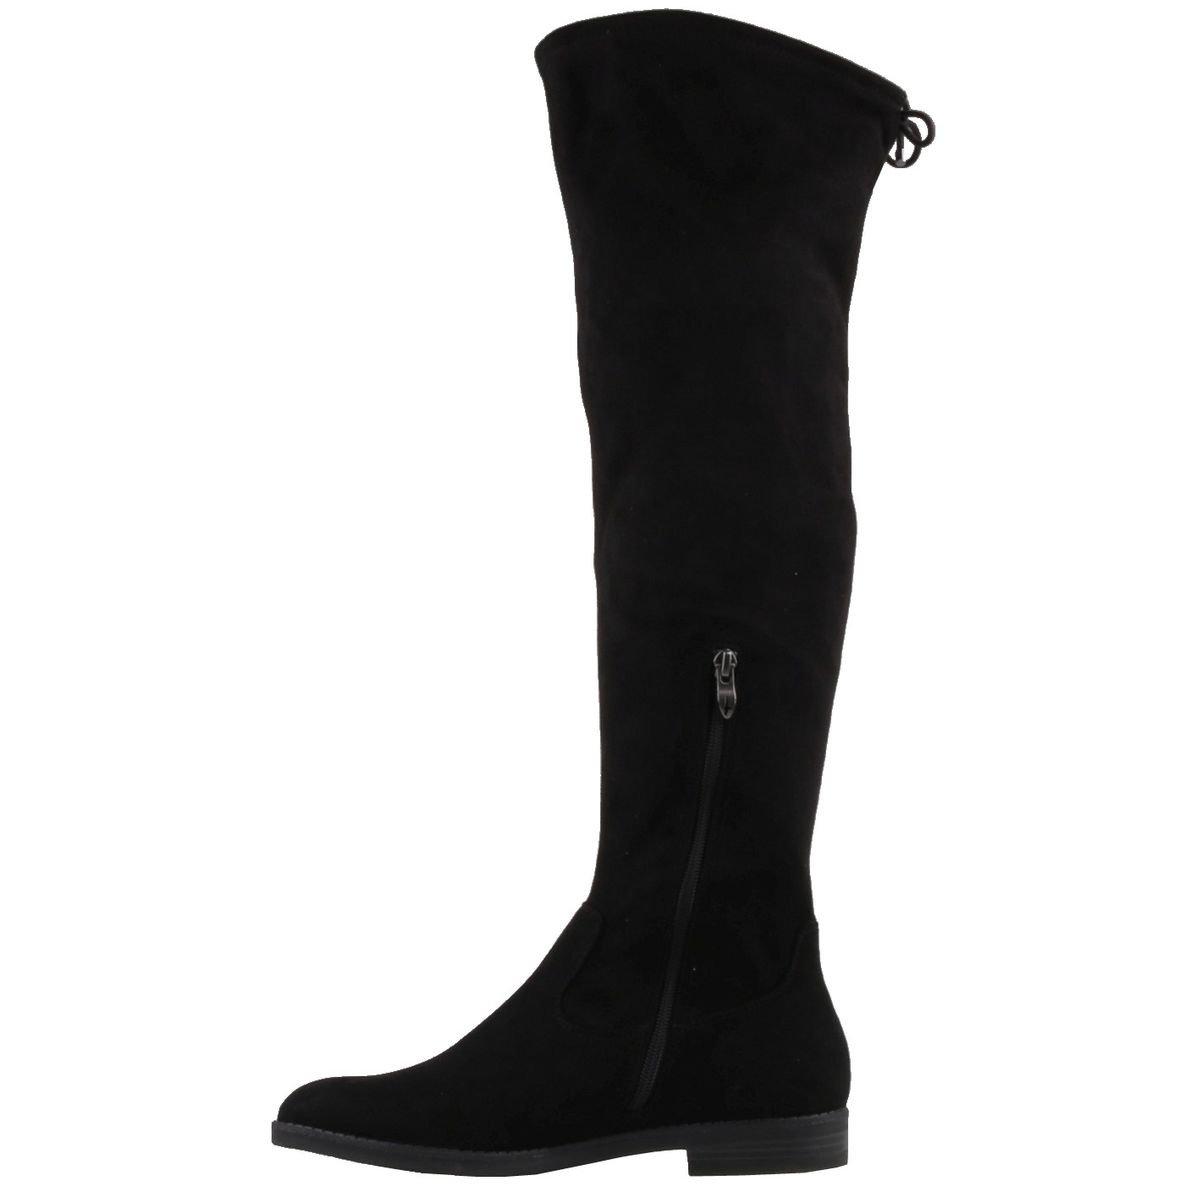 Tamaris 25568, Damen Over Knee Stiefel, Schwarz (Black 001